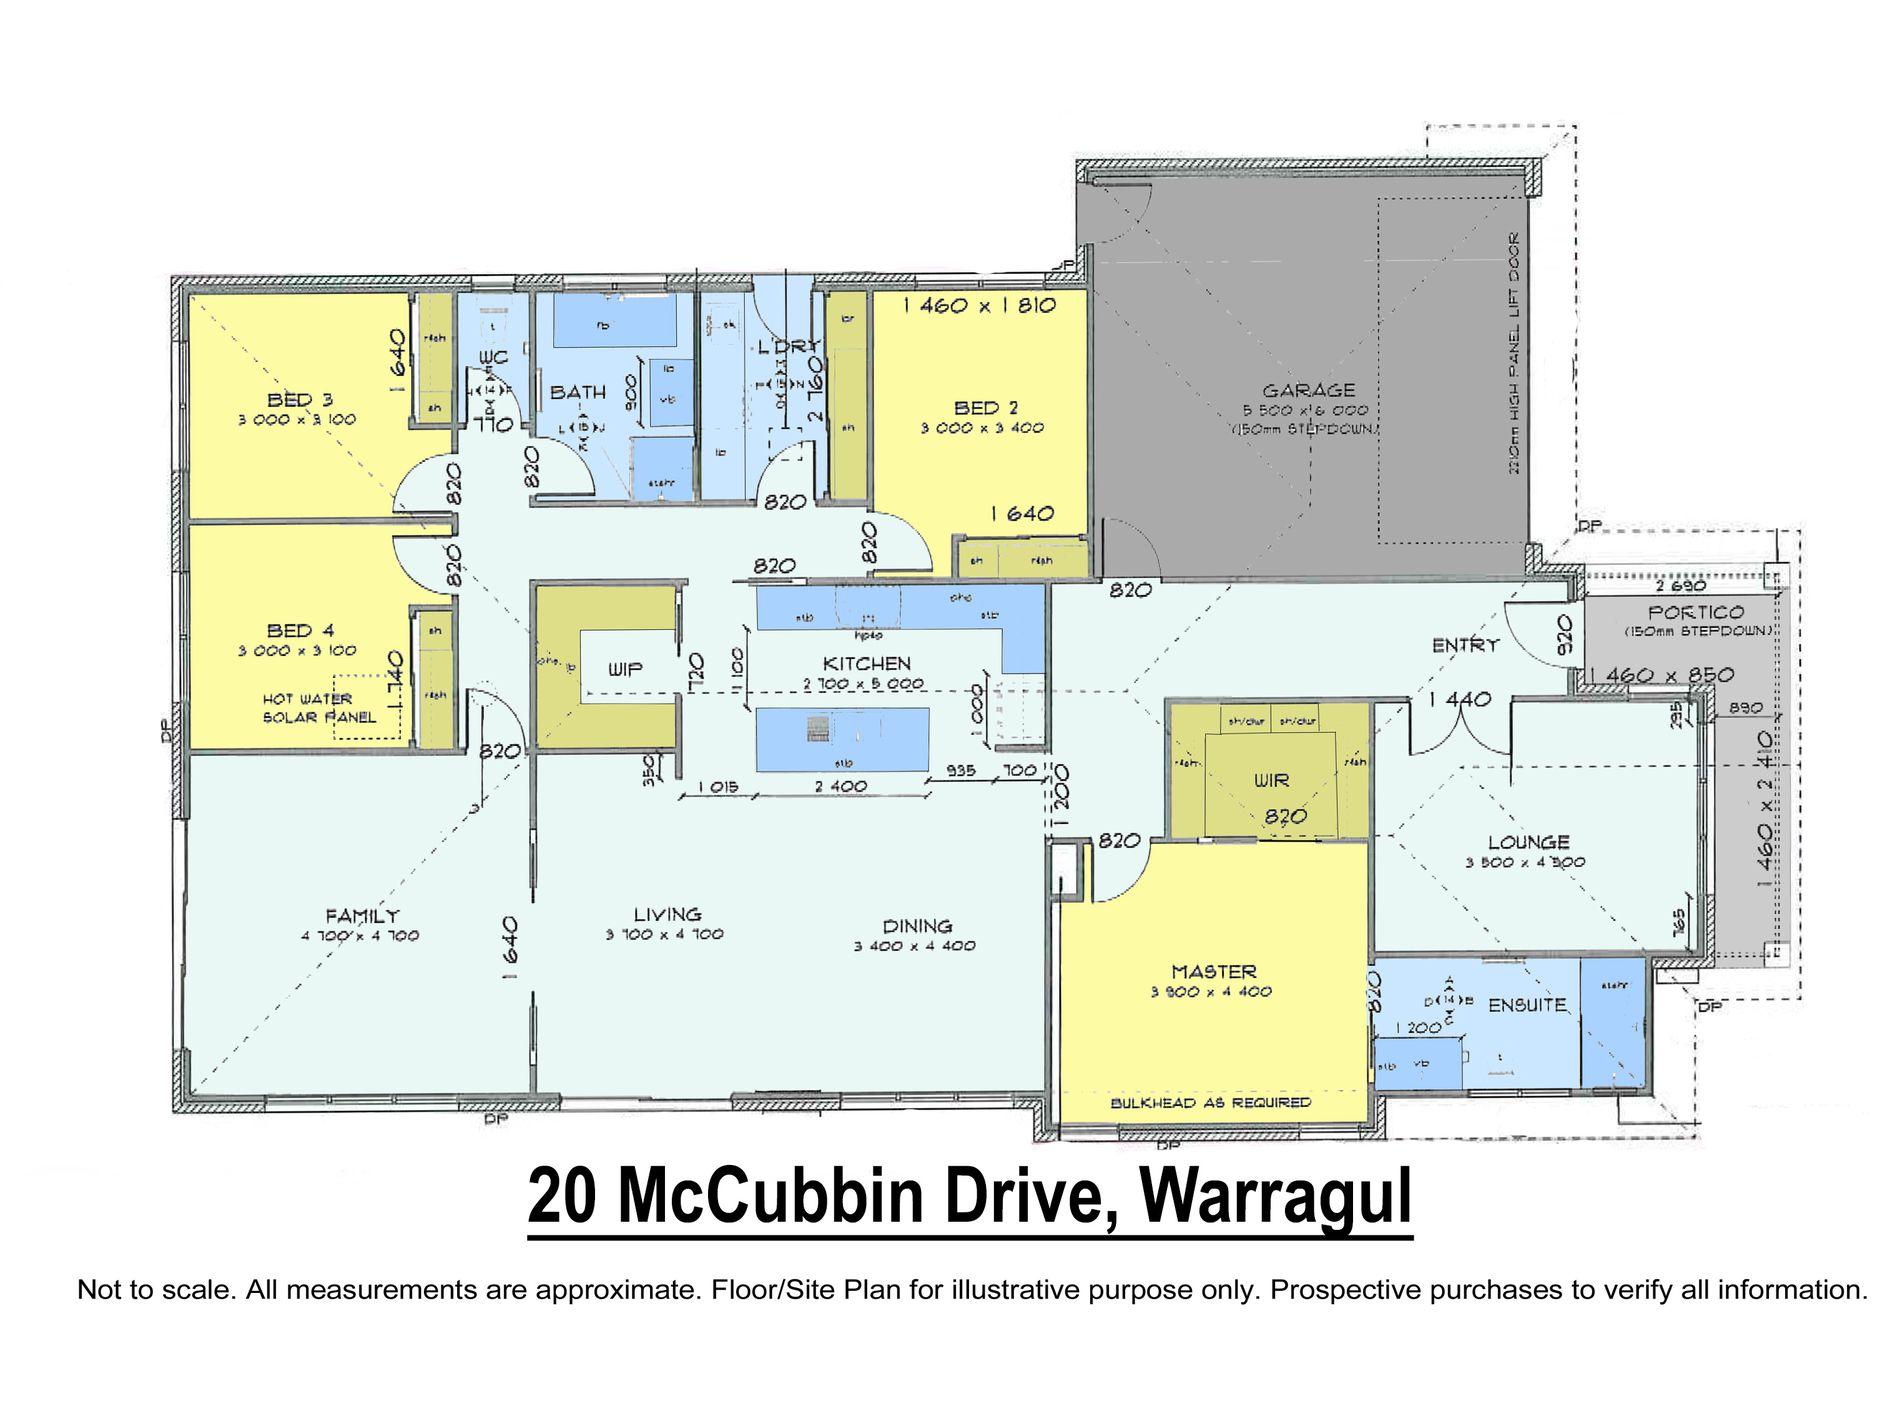 20 McCubbin Drive, Warragul